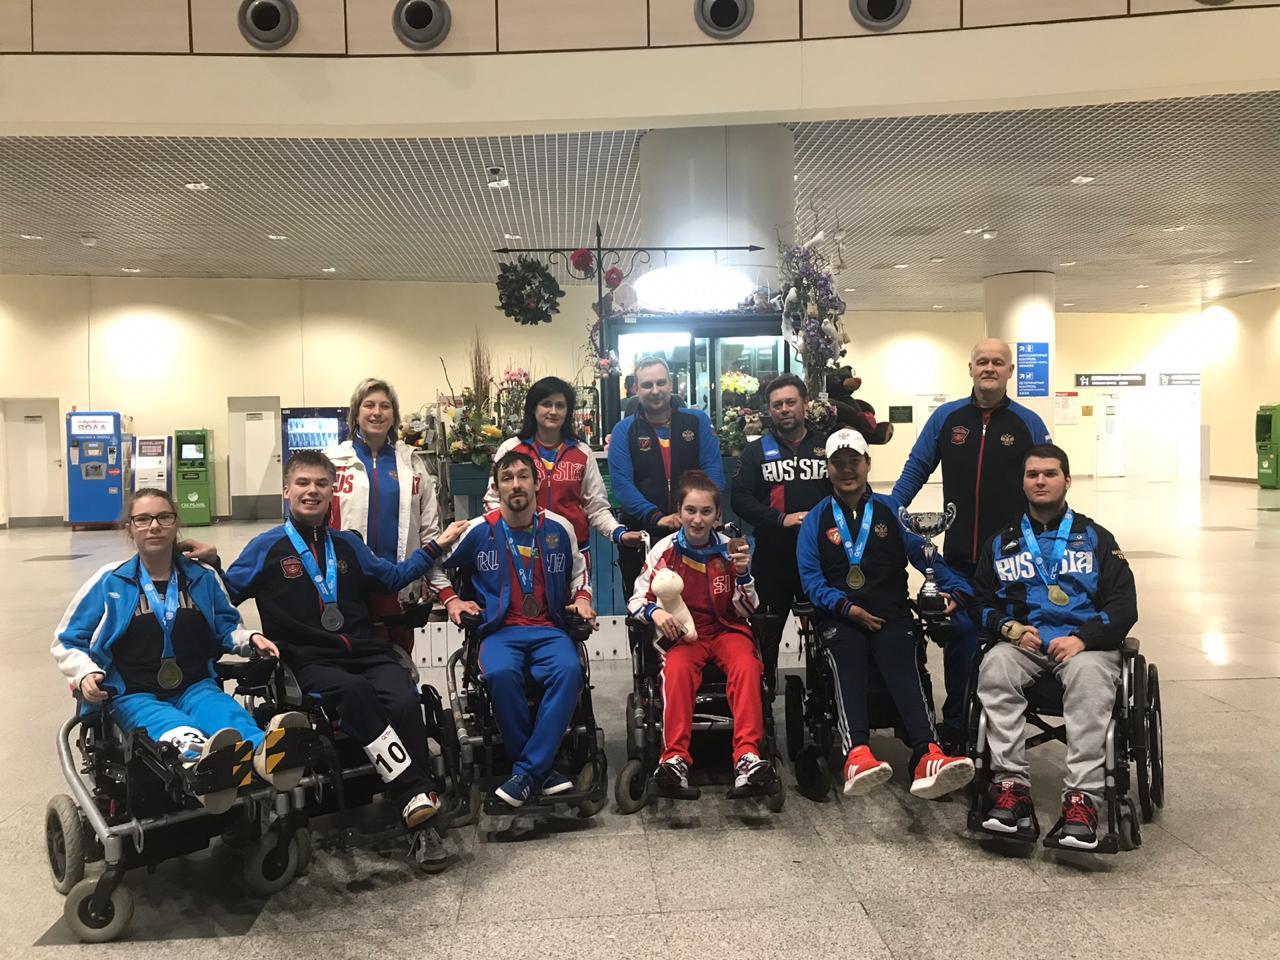 Золотую, серебряную и бронзовую медали завоевали российские боччисты на международных соревнованиях в Канаде